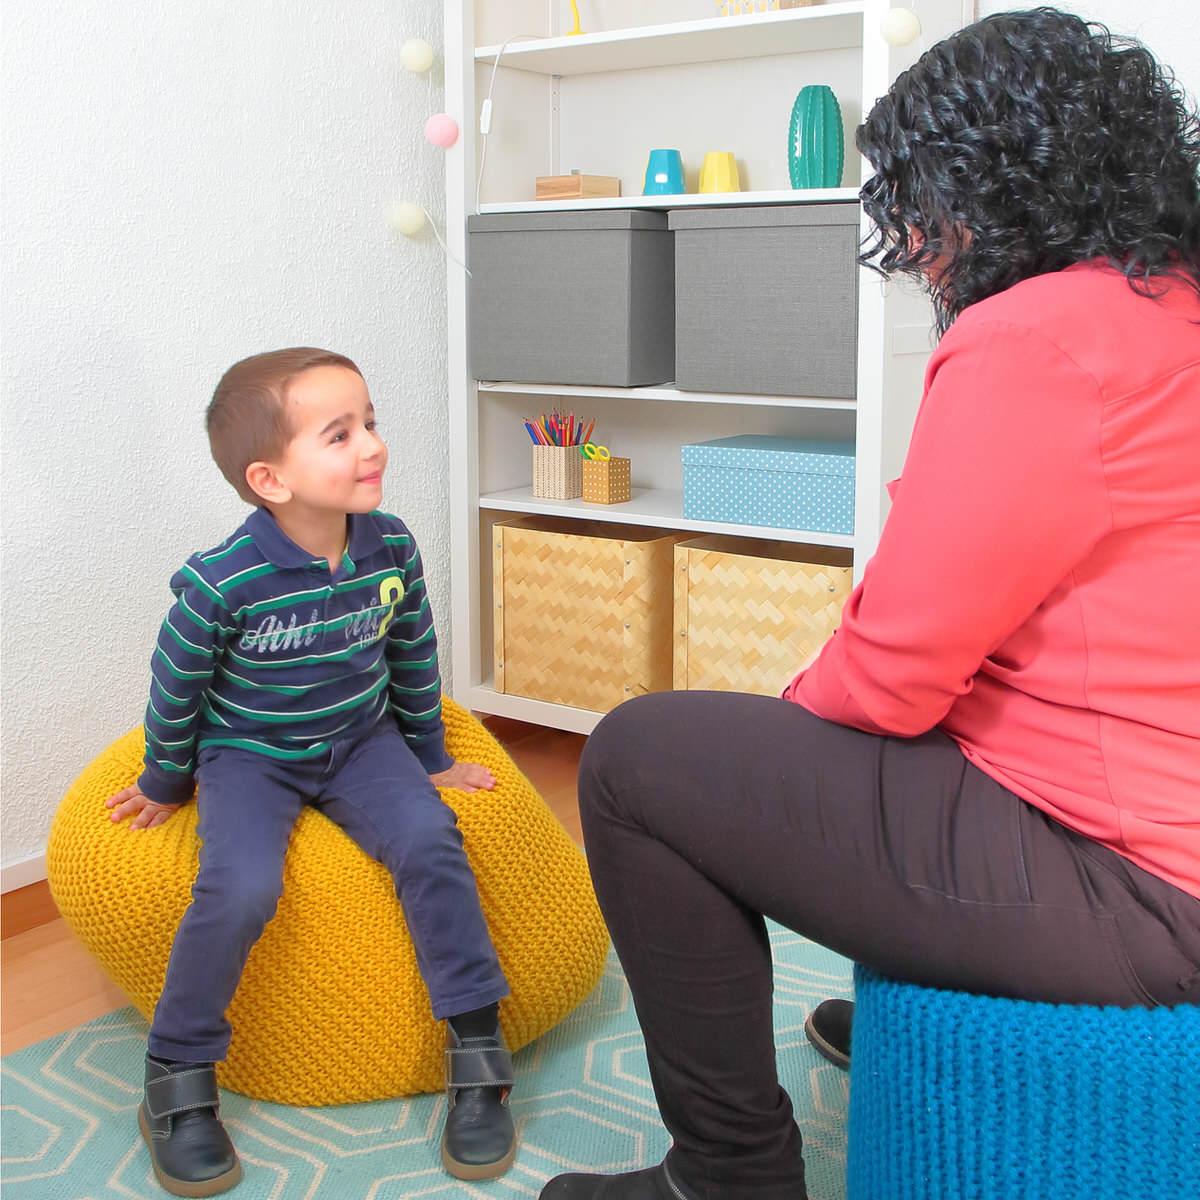 Psicólogos infantiles especialistas en terapia con niños del centro de psicología Atalanta en Madrid.